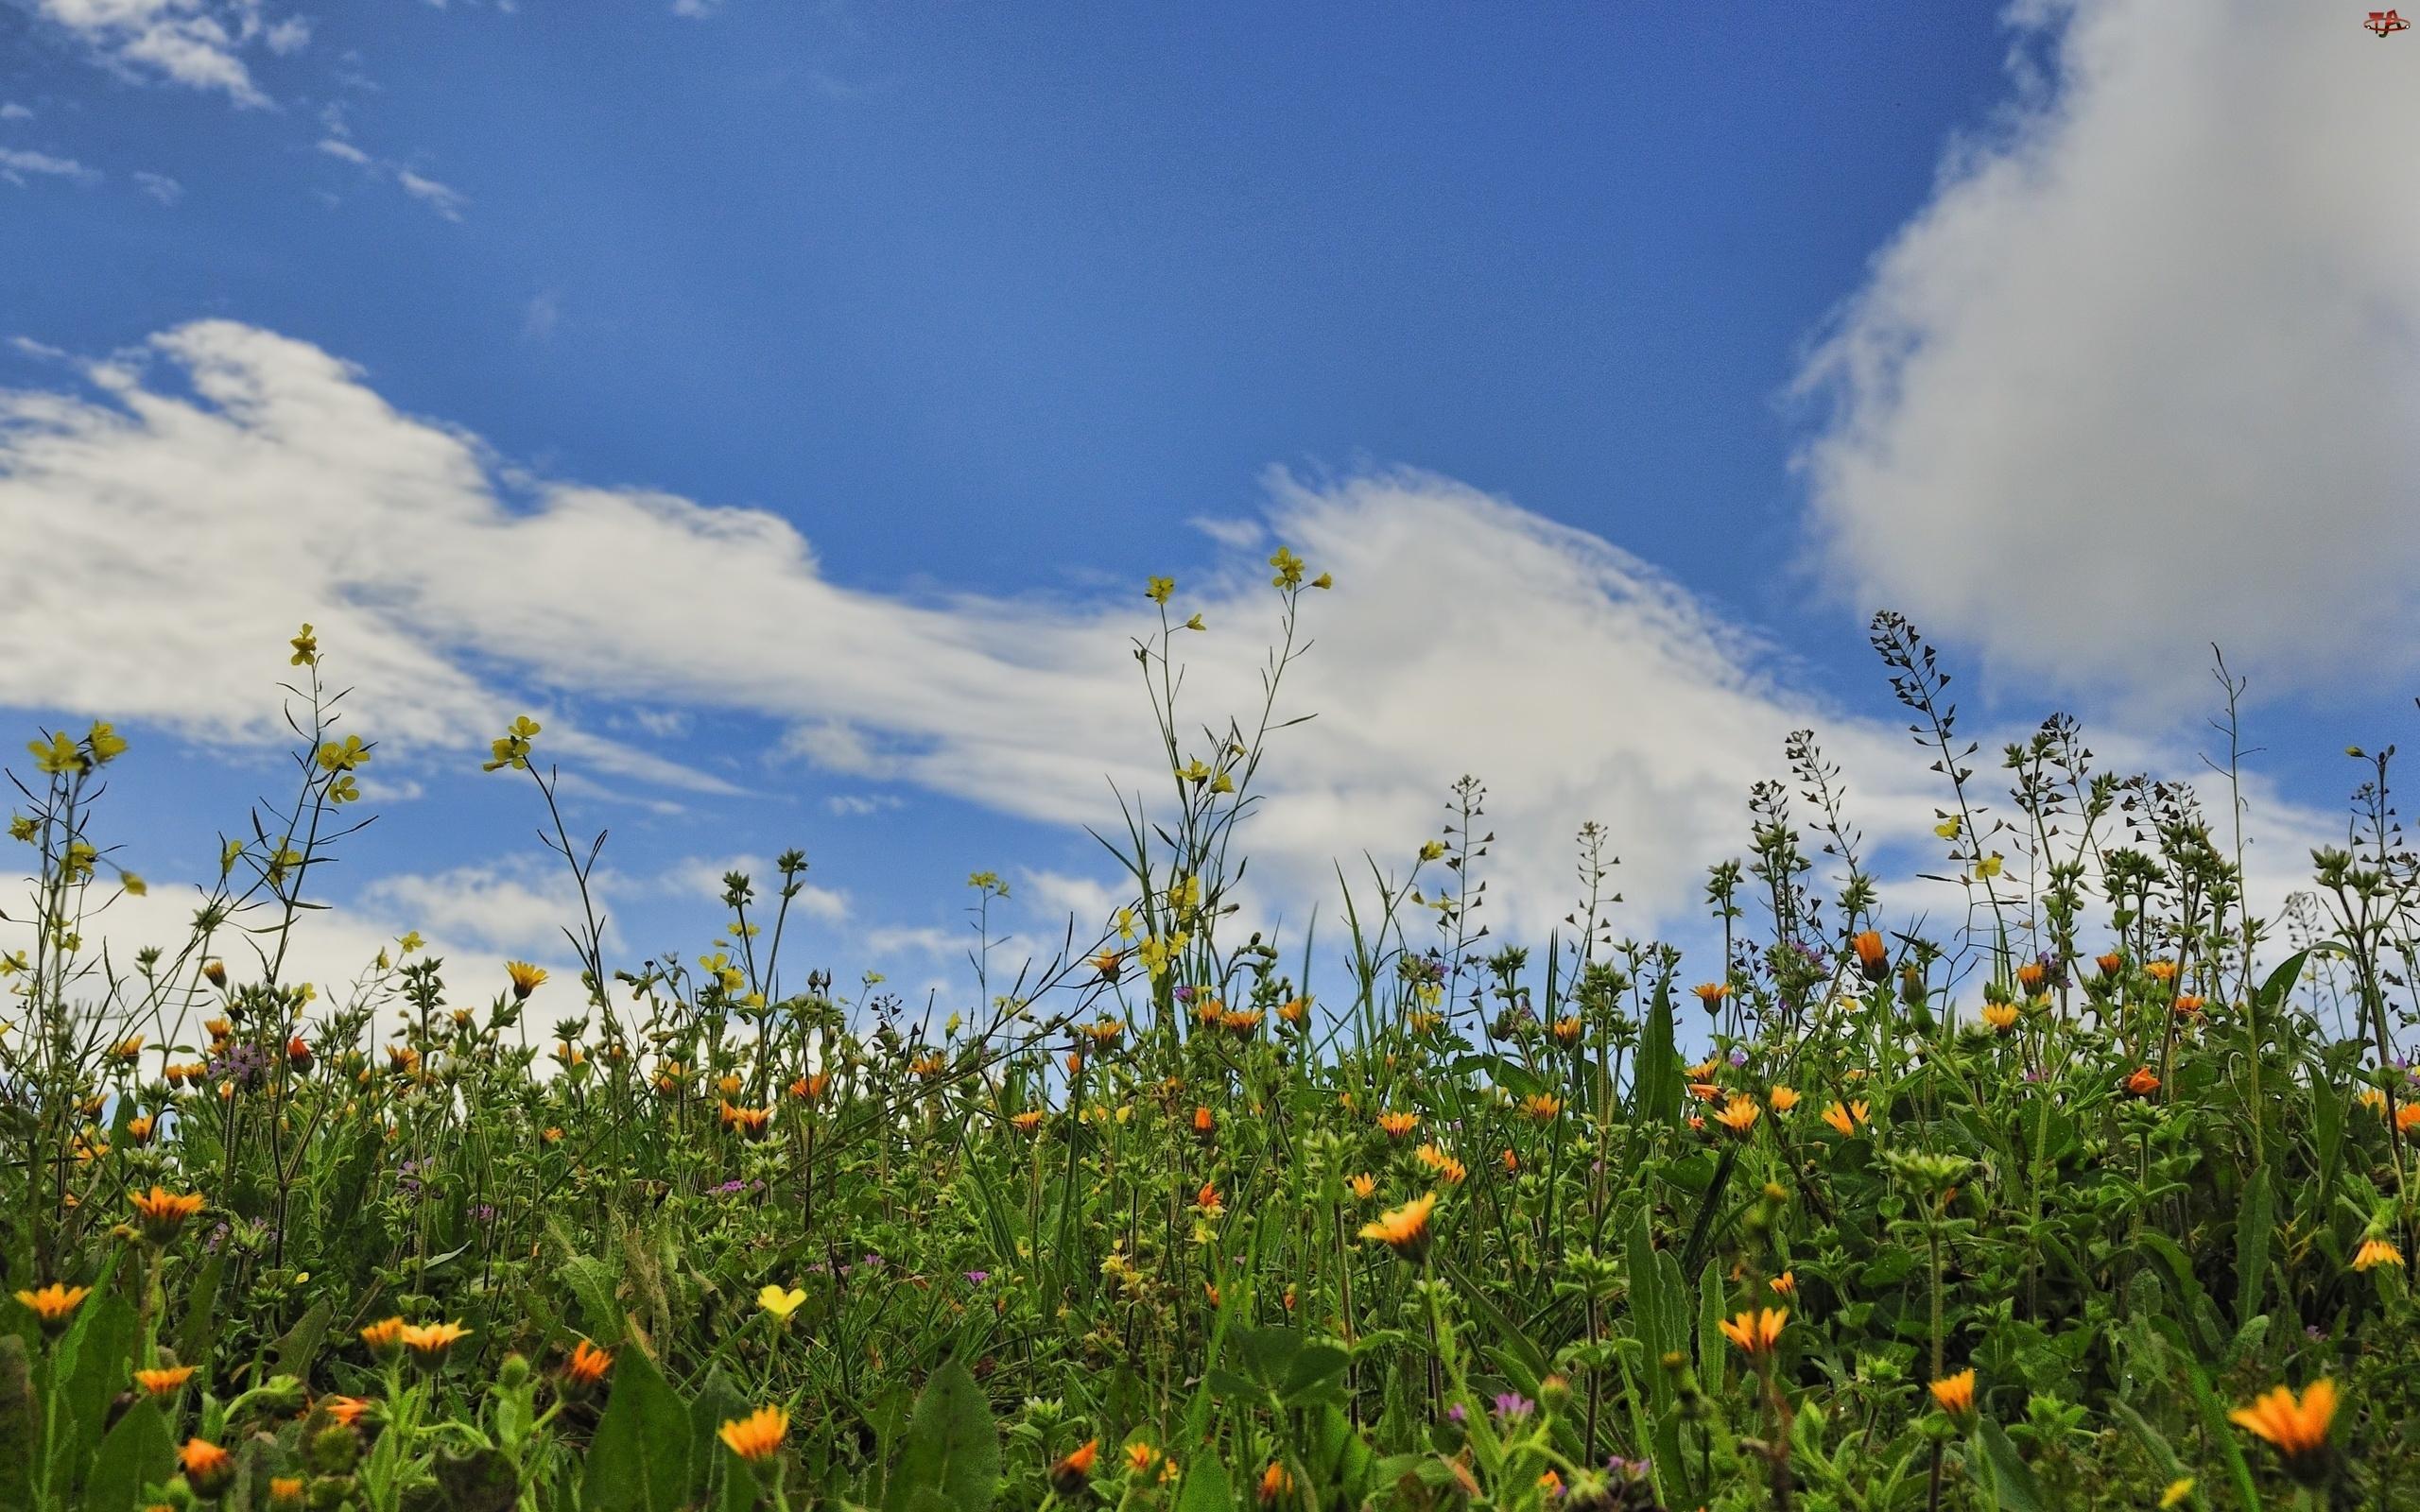 Łąka, Niebo, Kwiatki, Trawy